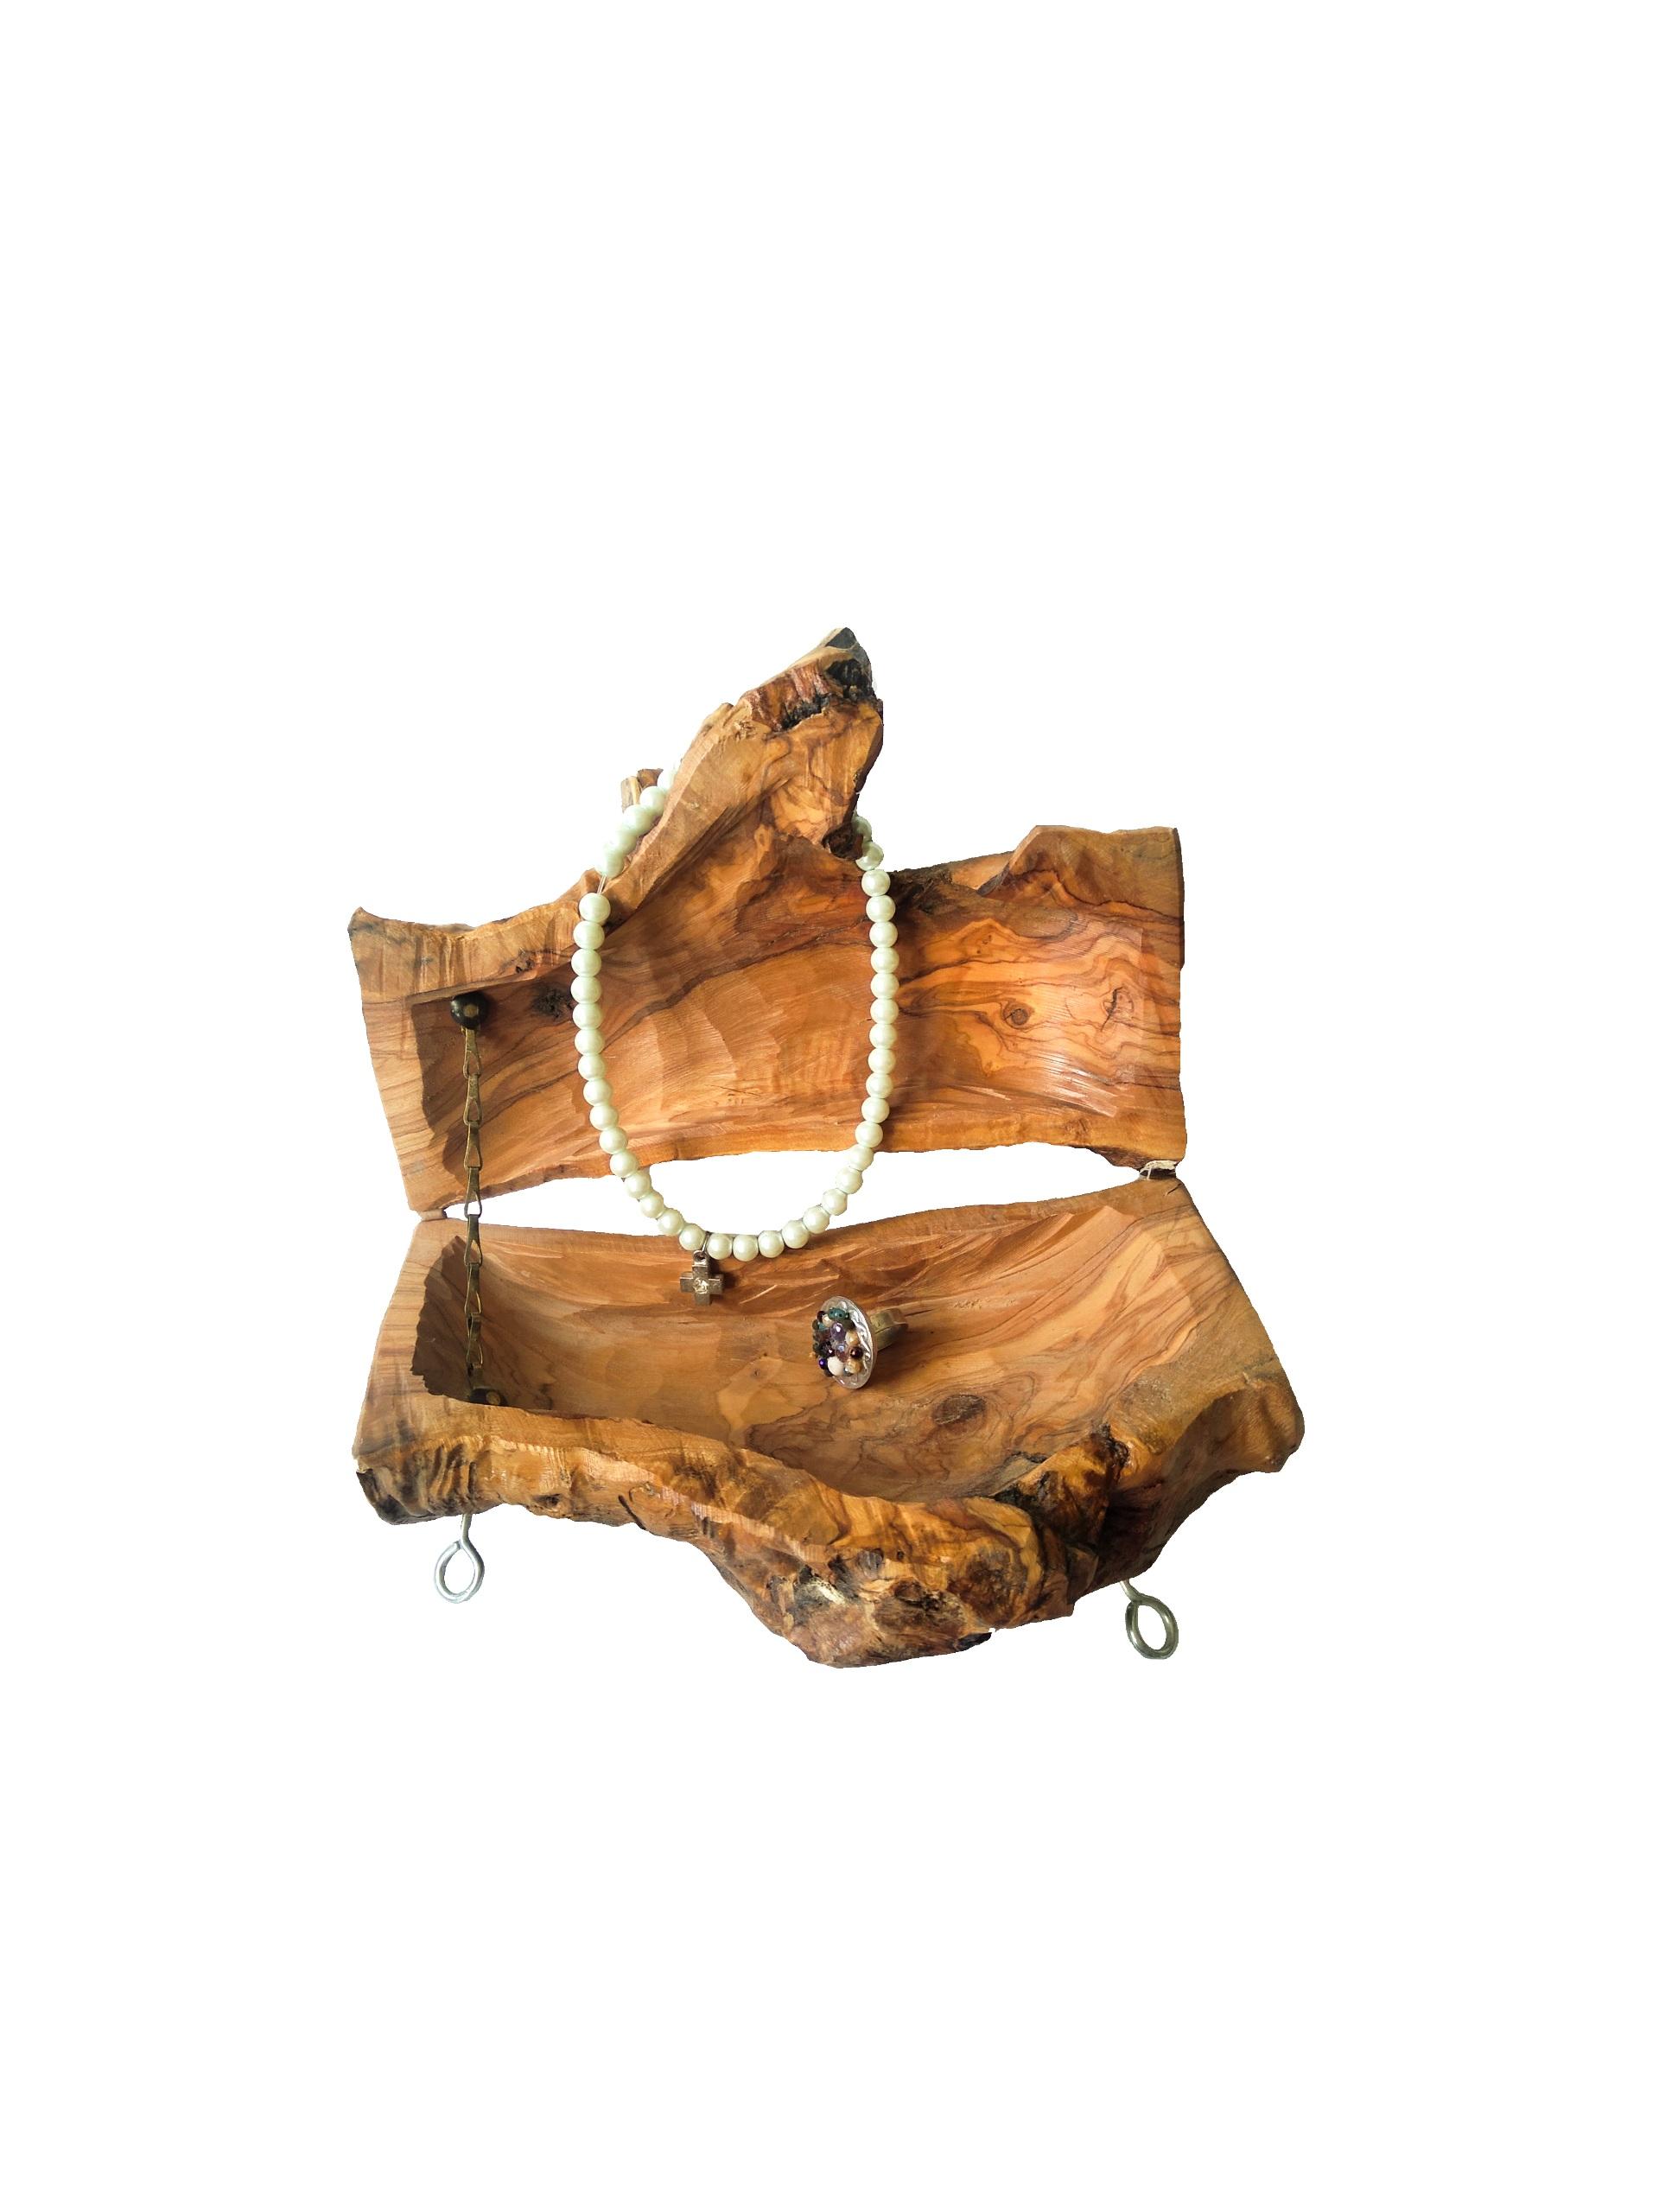 Βάση από ξύλο ελιάς BIZ05